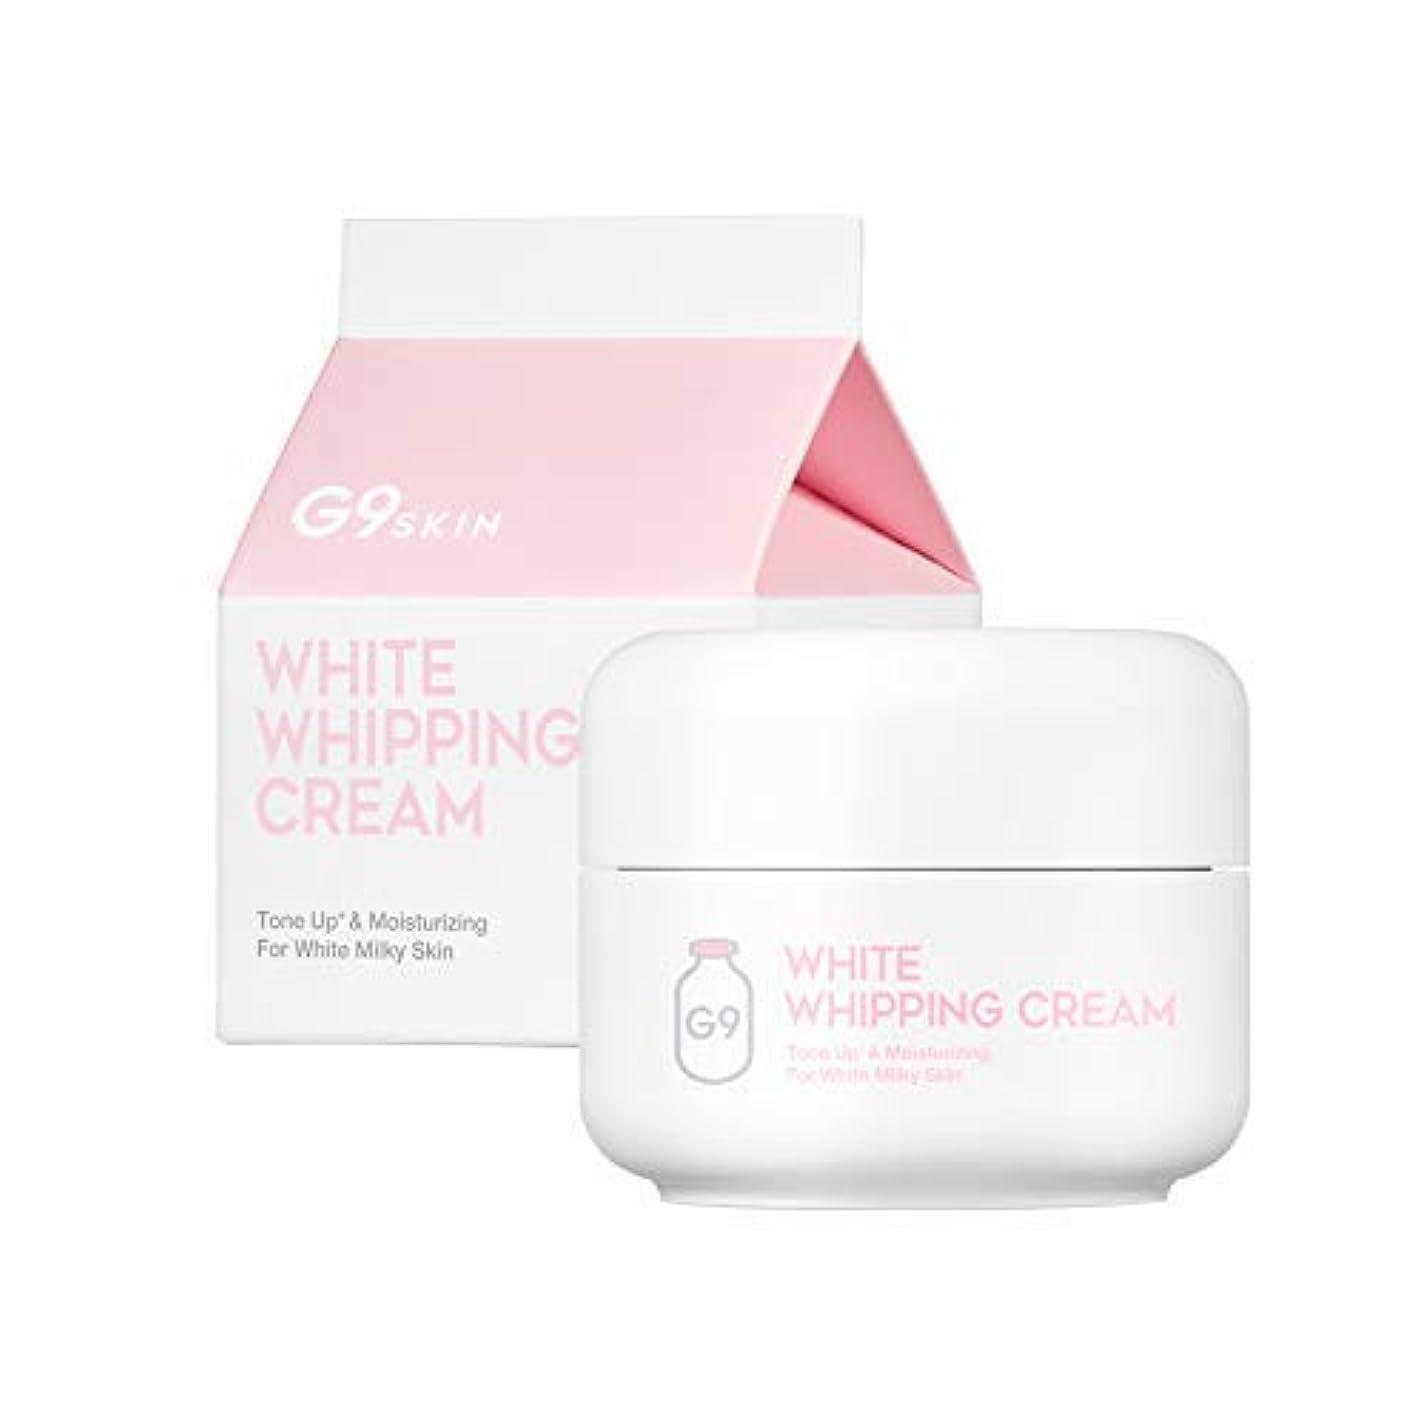 評判両方金銭的G9 SKIN WHITE WHIPPING CREAM ジーナインスキン ホワイト ホイッピング クリーム 50g お肌 スキン ケア 牛乳 パック ミルク 化粧品 韓国 コスメ